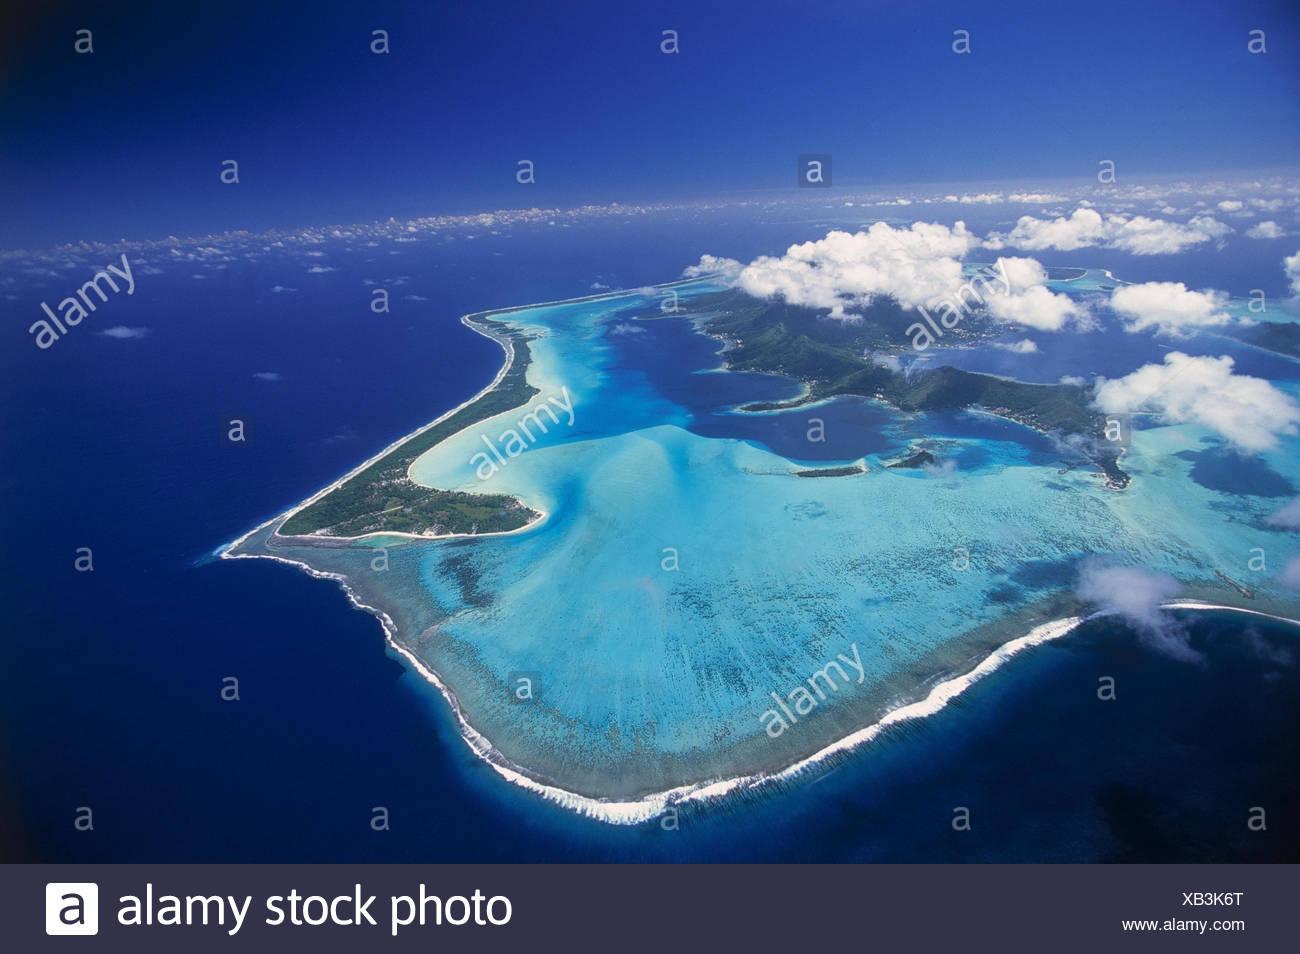 Französisch-Polynesien, Bora Bora,  Riff, Luftaufnahme  Südsee, Südpazifik, Pazifik, Pazifischer Ozean, Meer, Ozeanien, Polynesien, Gesellschaftsinseln, Insel, Inseln, Urlaubsziel, Reiseziel, Übersicht, Inselübersicht, Korallenriff, Wolken - Stock Image